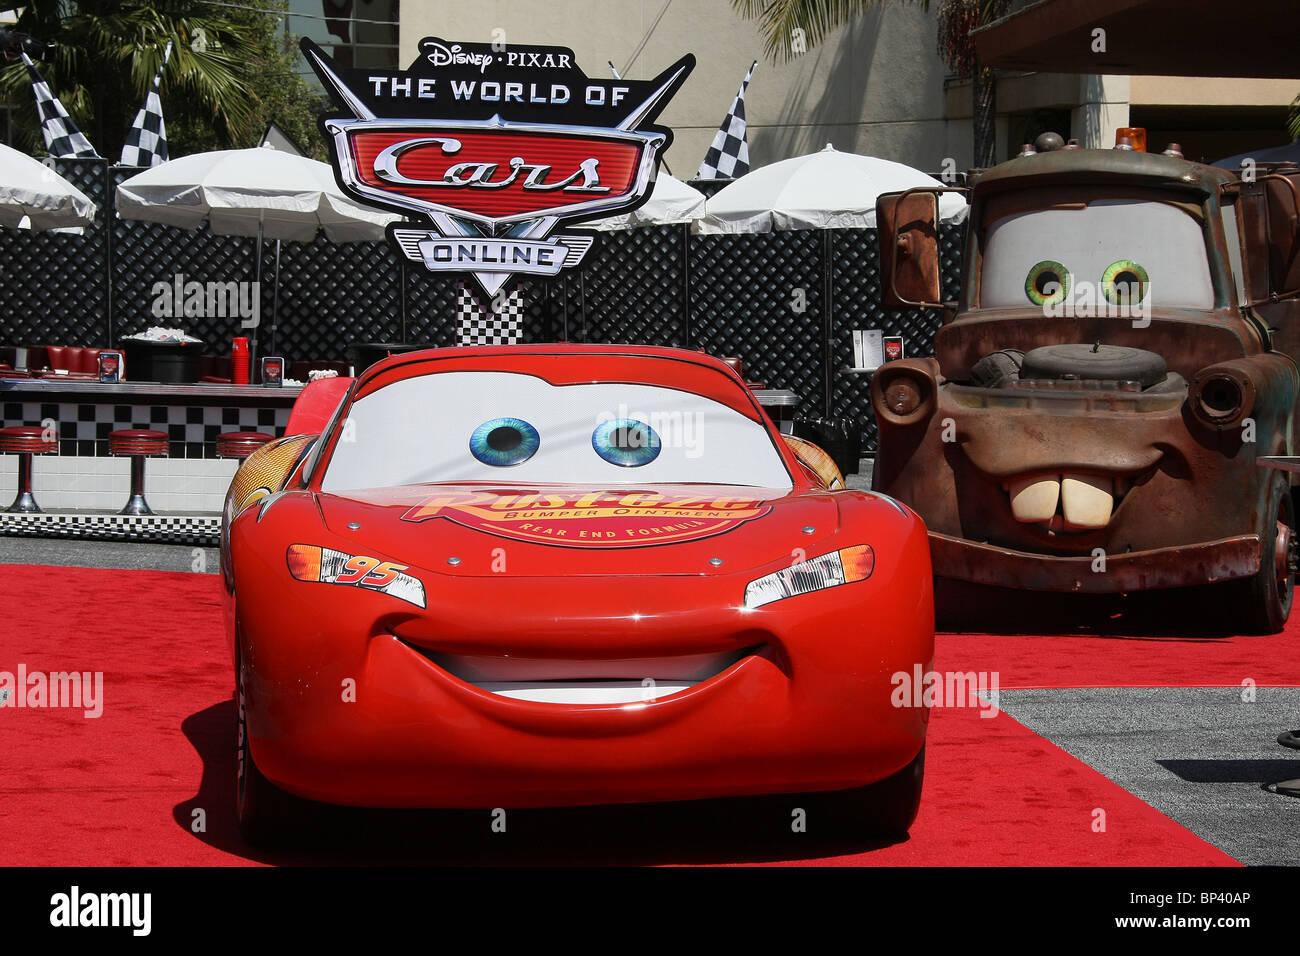 Autos Der Film Disney Pixar World Of Cars Online Videospiel Debut